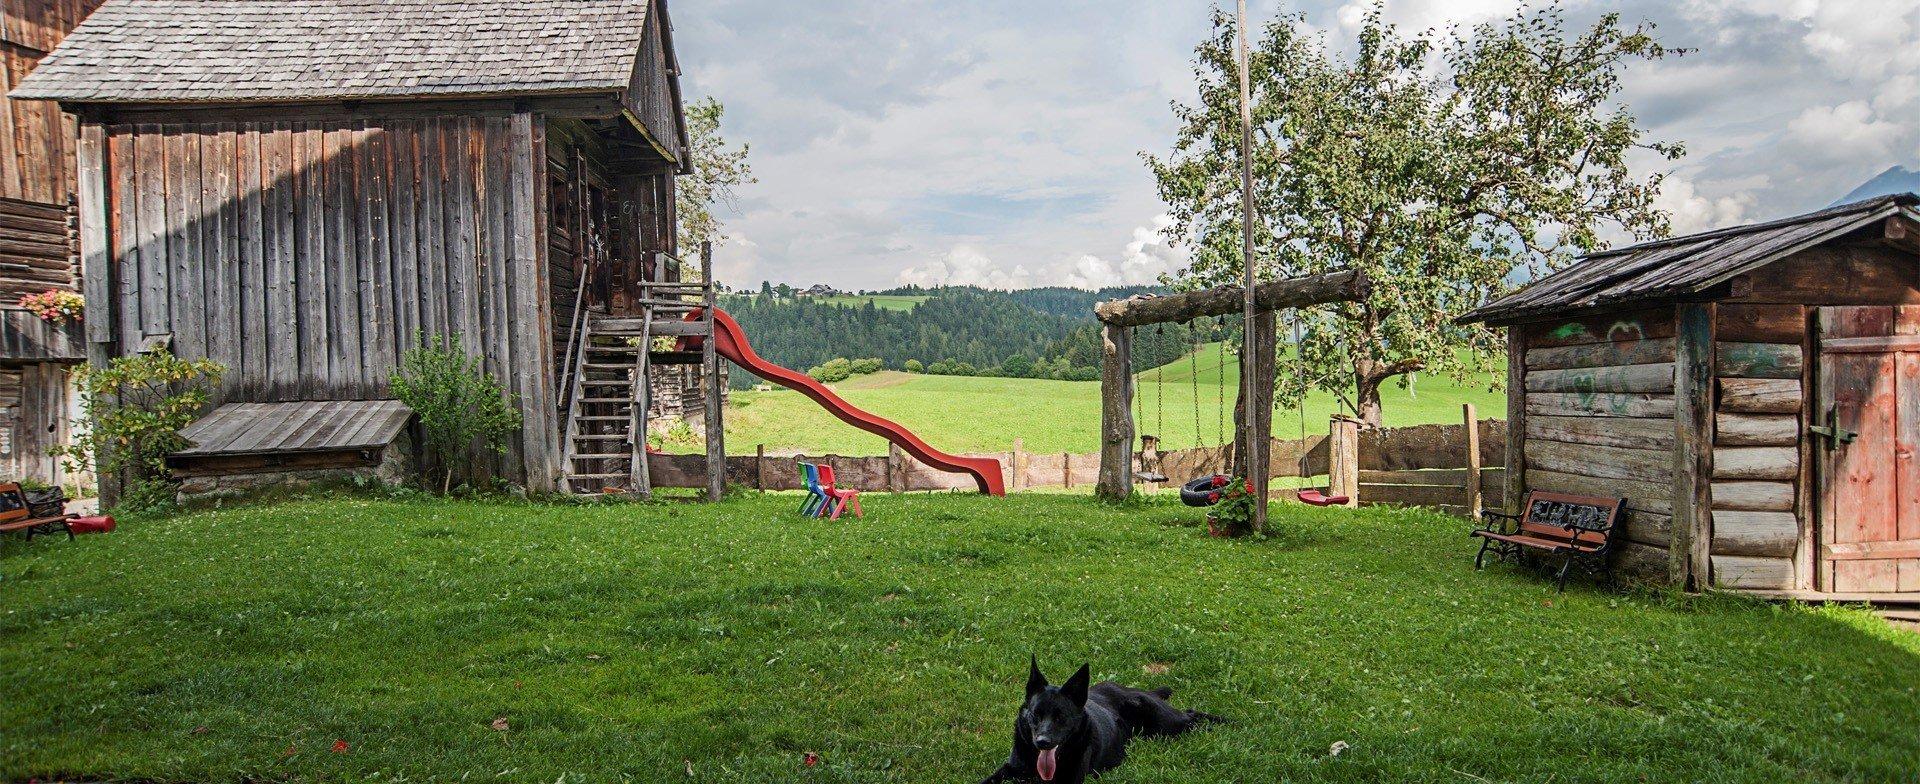 Spiel, Spaß und tierisches Vergnügen am Stoanerhof